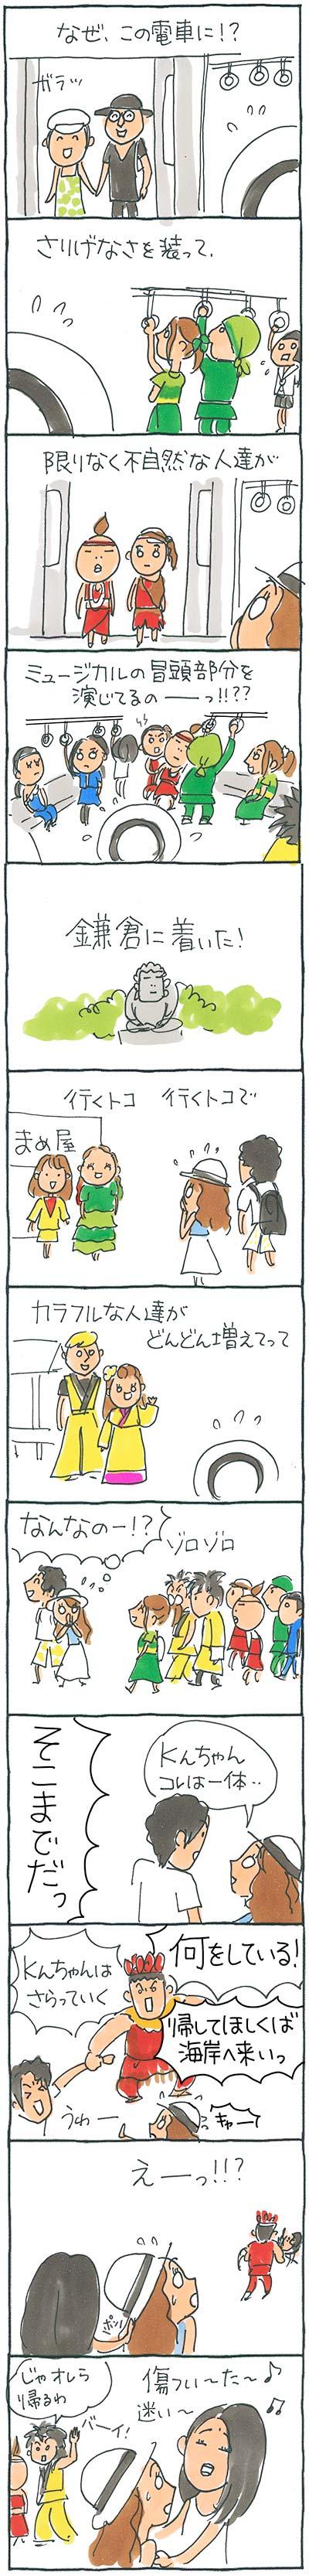 160823けんちゃん011